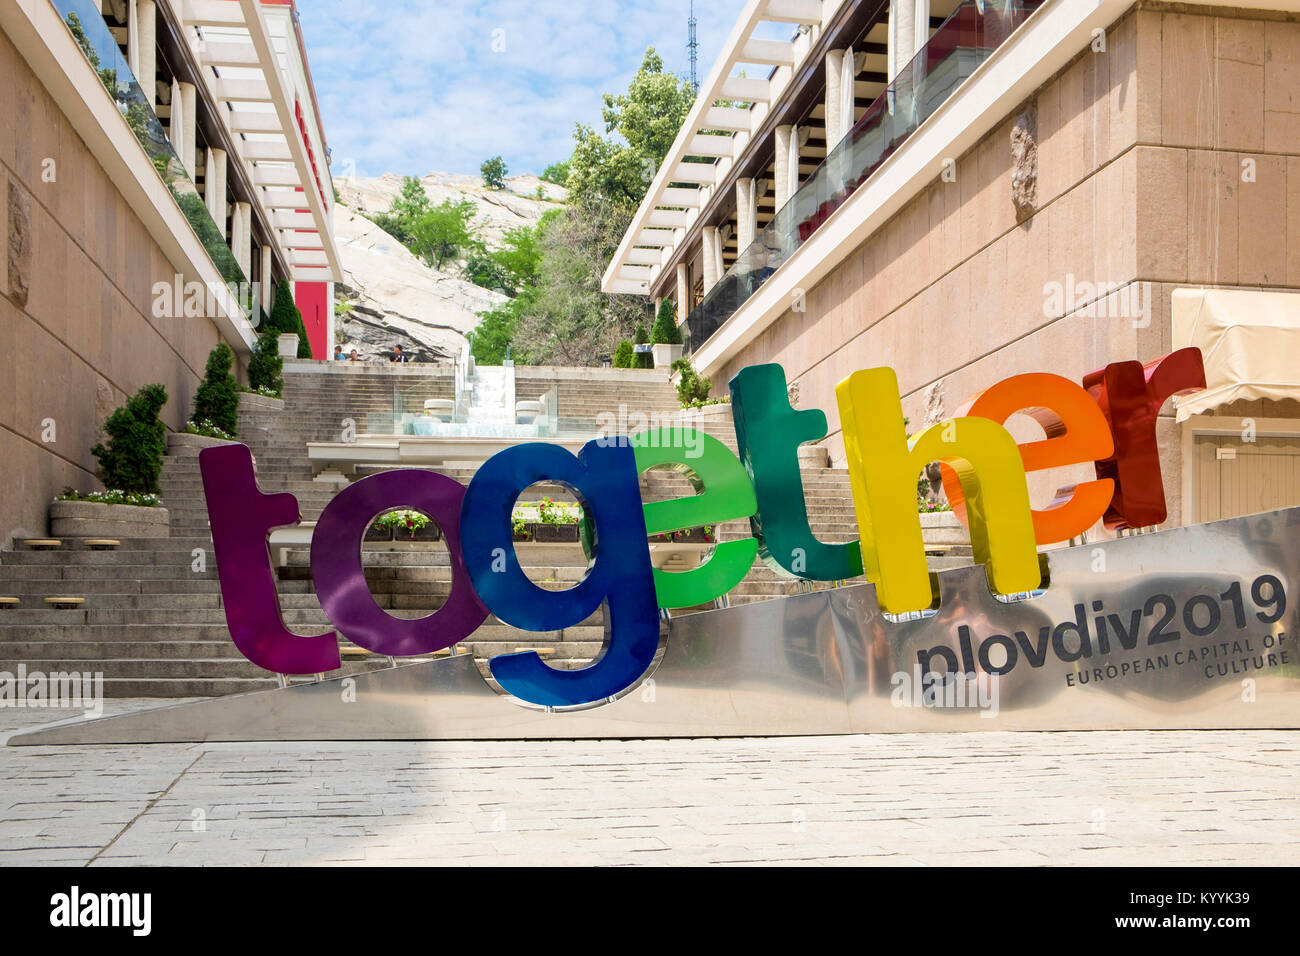 Capitale européenne de la Culture 2019, signe dans la ville de Plovdiv, Plovdiv, Bulgarie, Europe Photo Stock